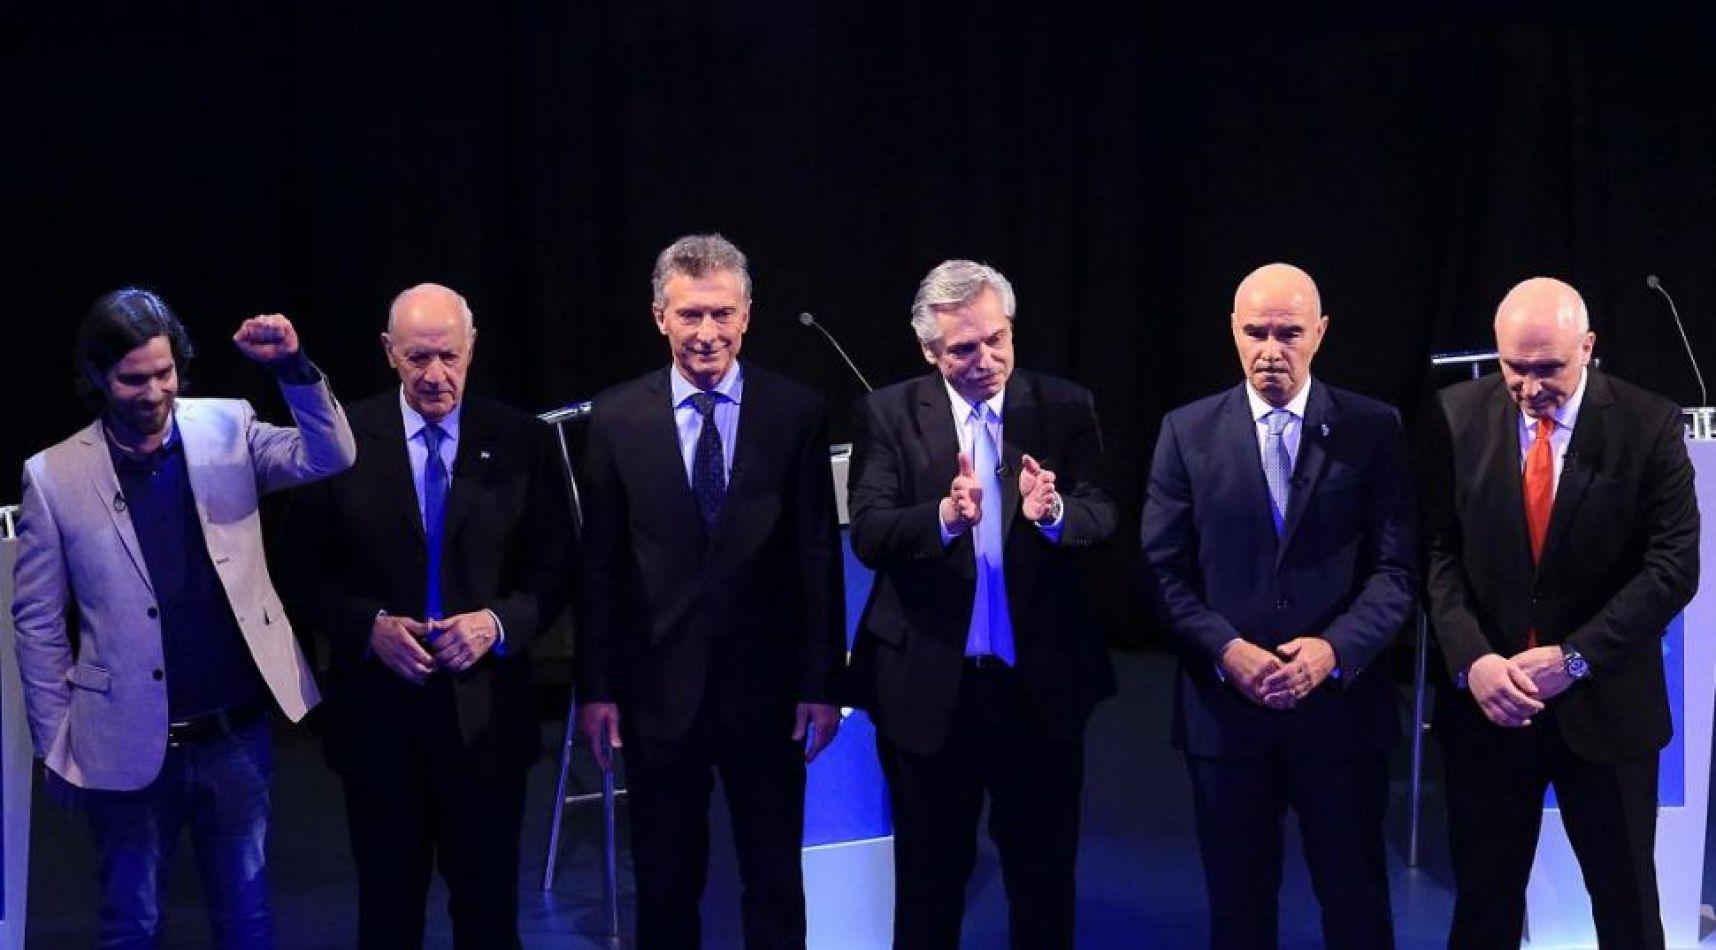 Qué dijeron los candidatos en el segundo debate